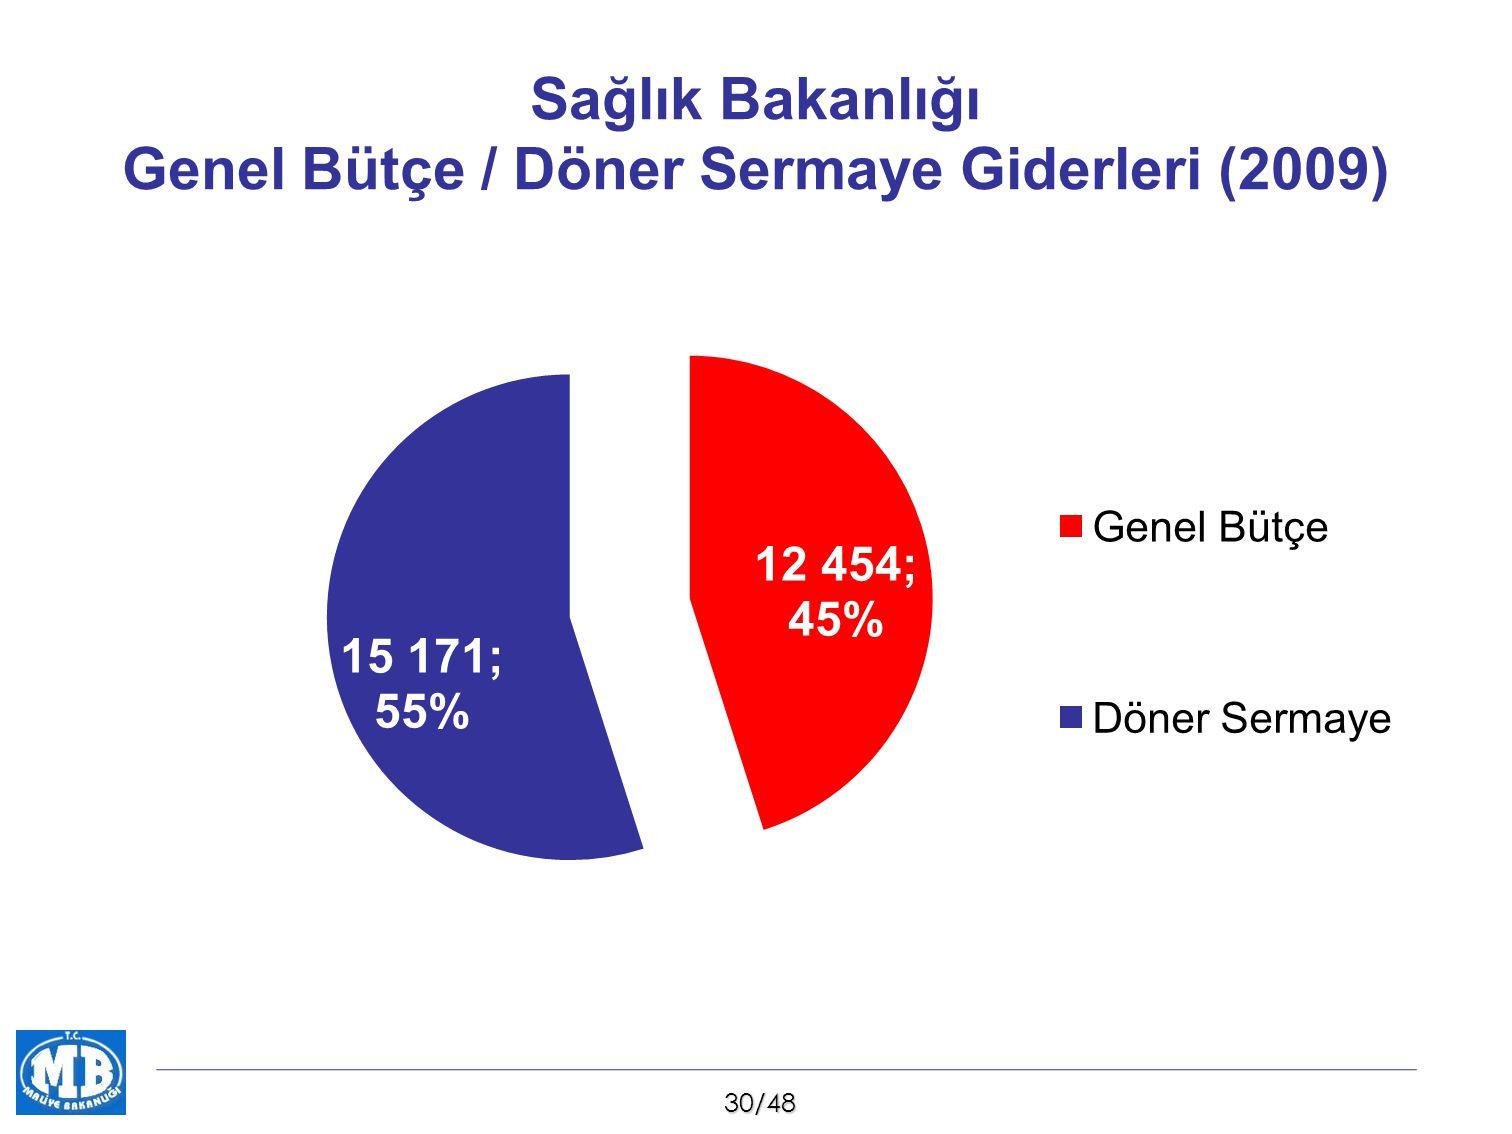 Sağlık Bakanlığı Genel Bütçe / Döner Sermaye Giderleri (2009)